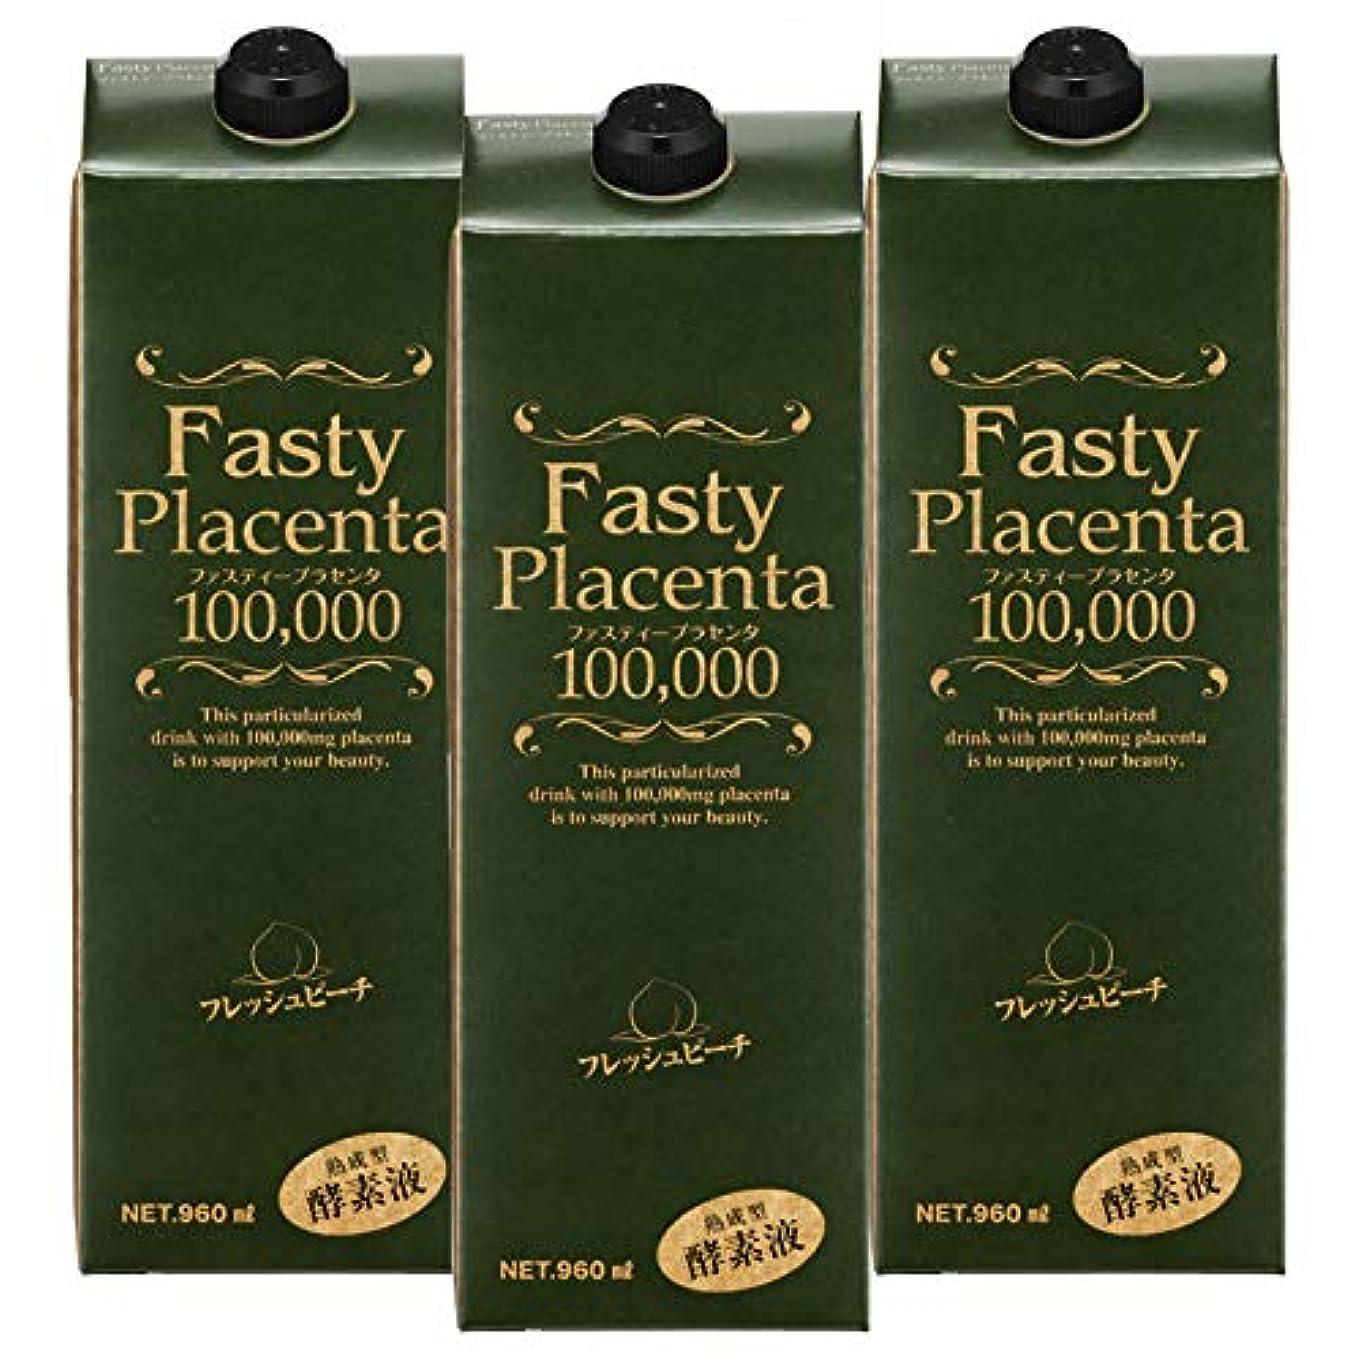 証明参加する北米ファスティープラセンタ100,000 増量パック(フレッシュピーチ味) 3本